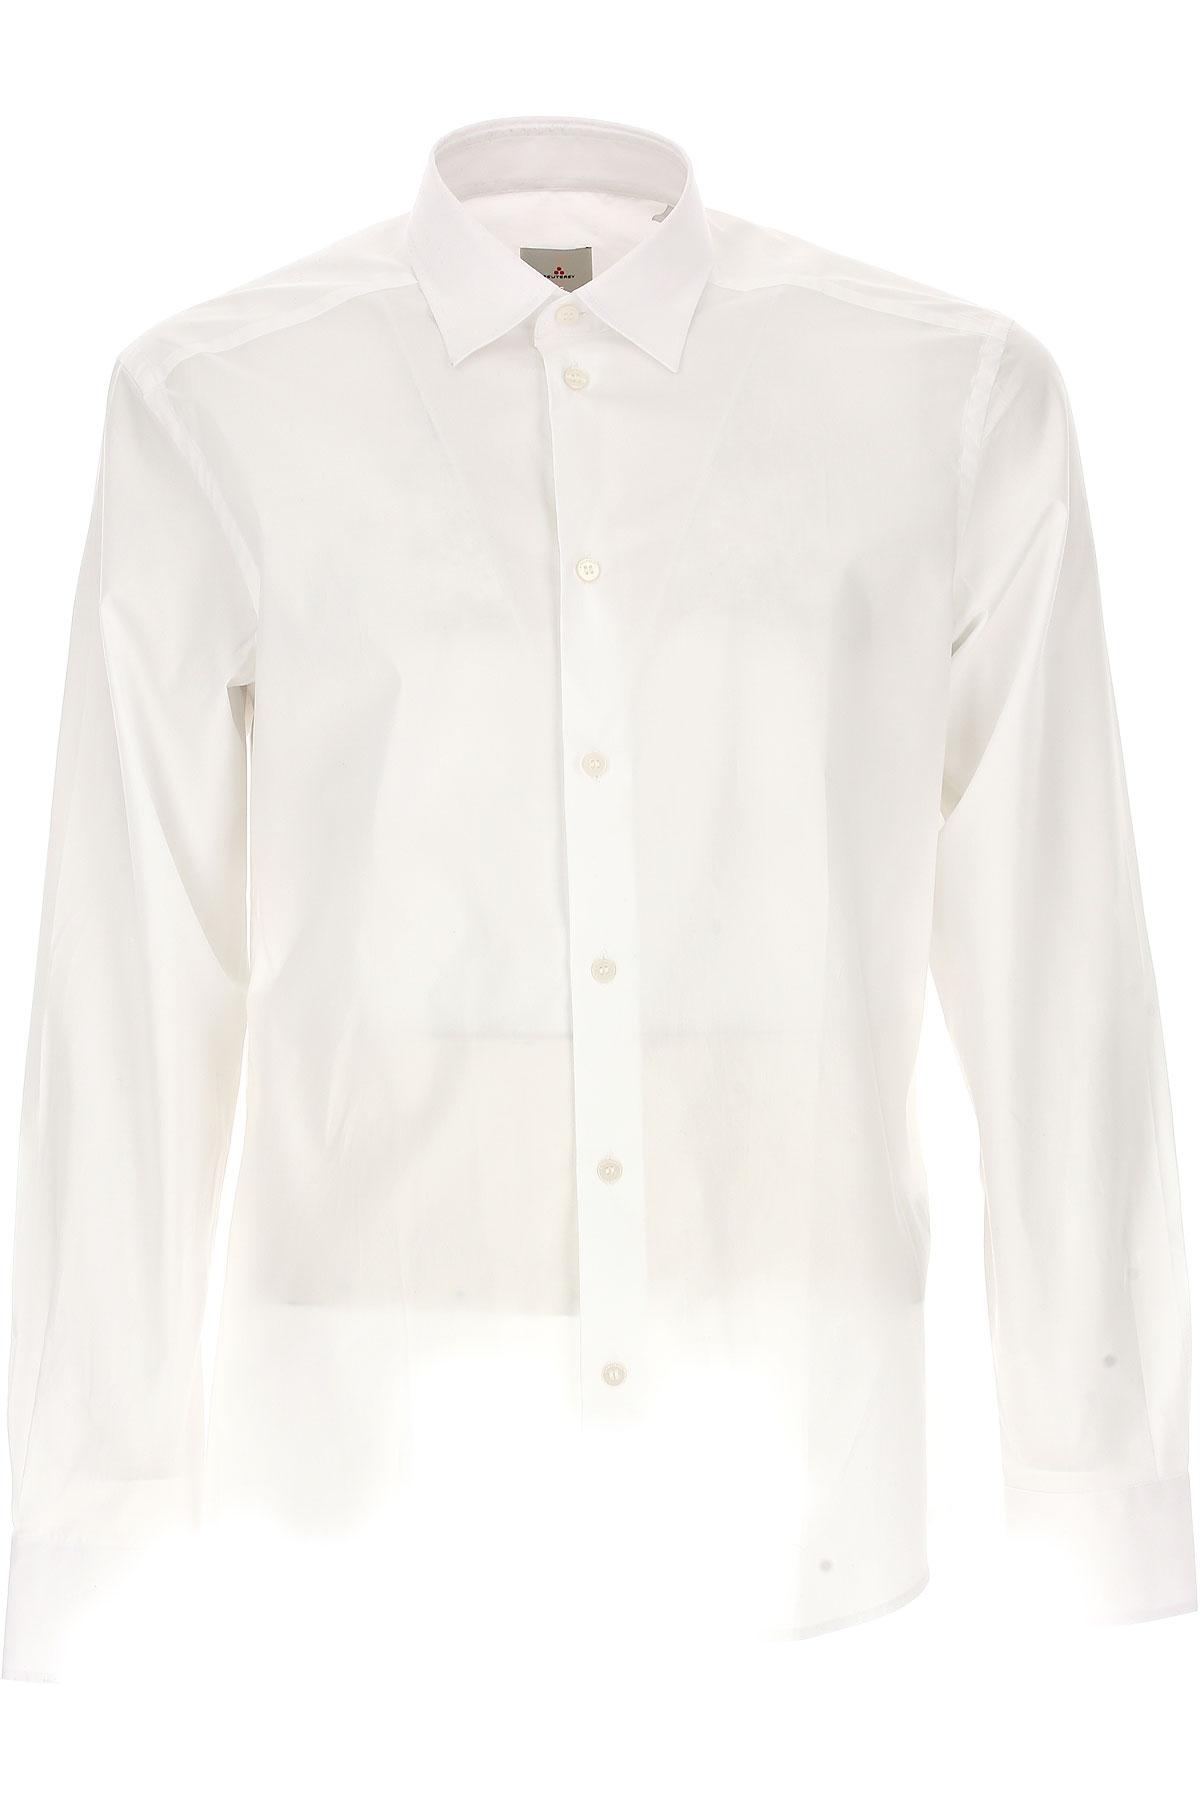 Peuterey Chemise Homme, Blanc, Coton, 2017, L M S XL